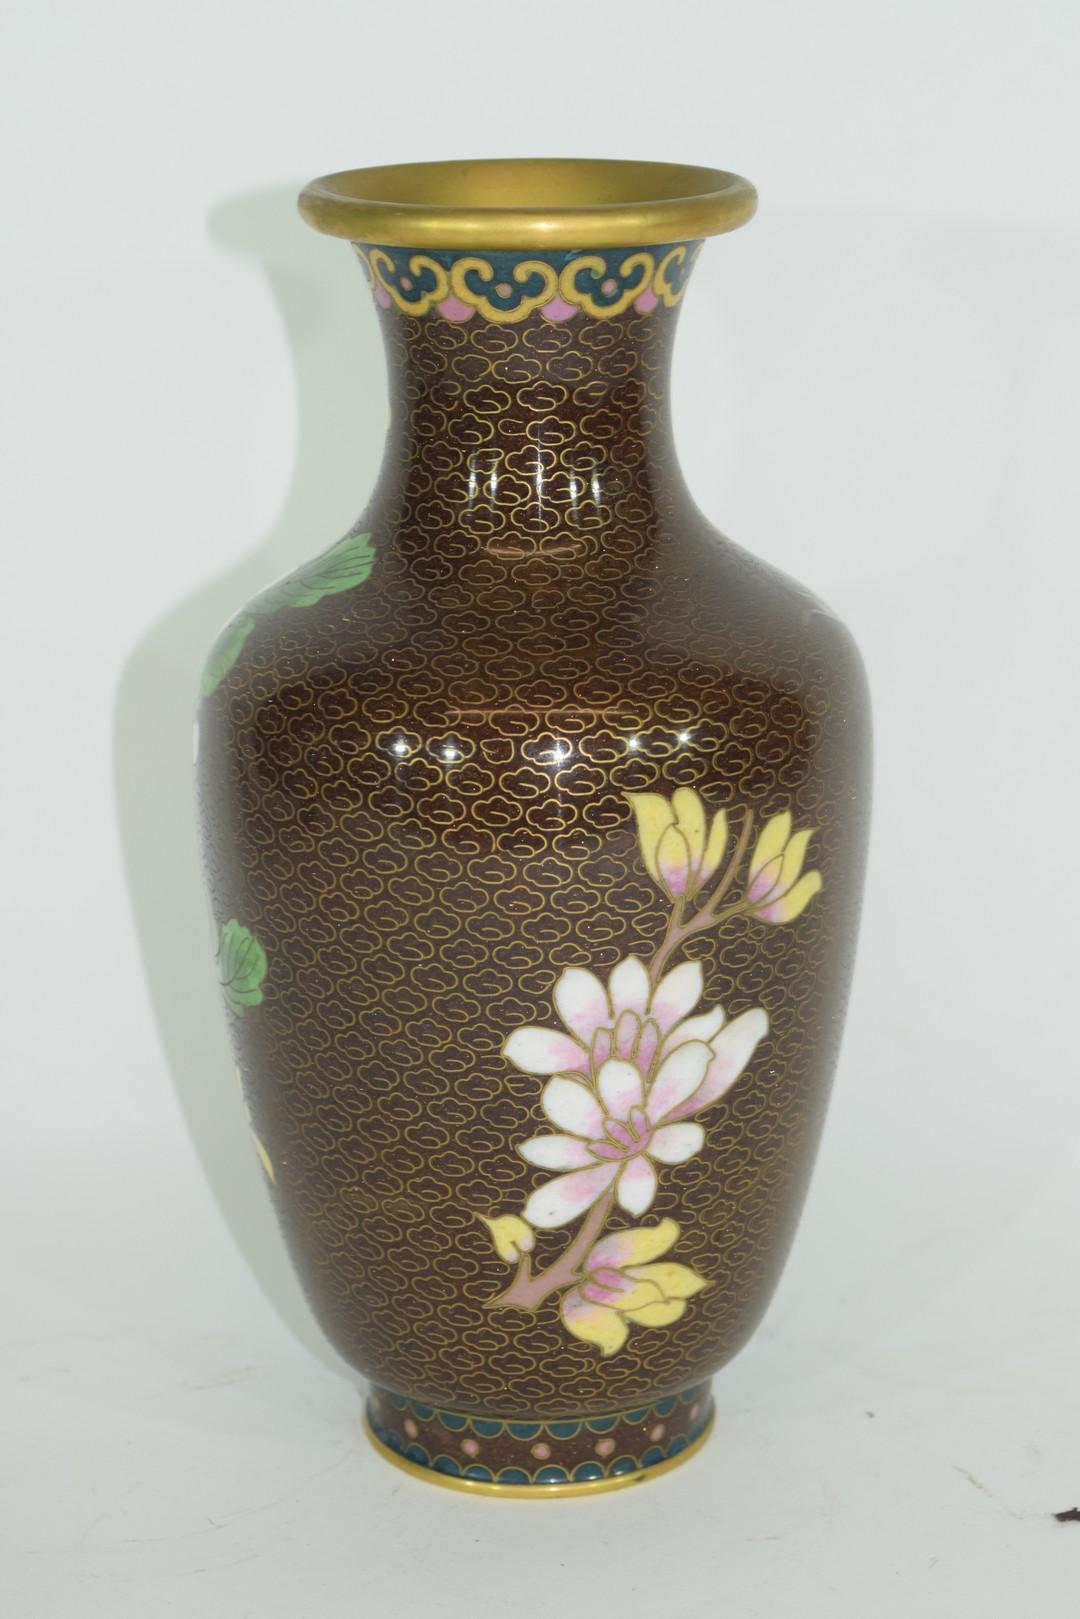 Cloisonne vase - Image 2 of 6